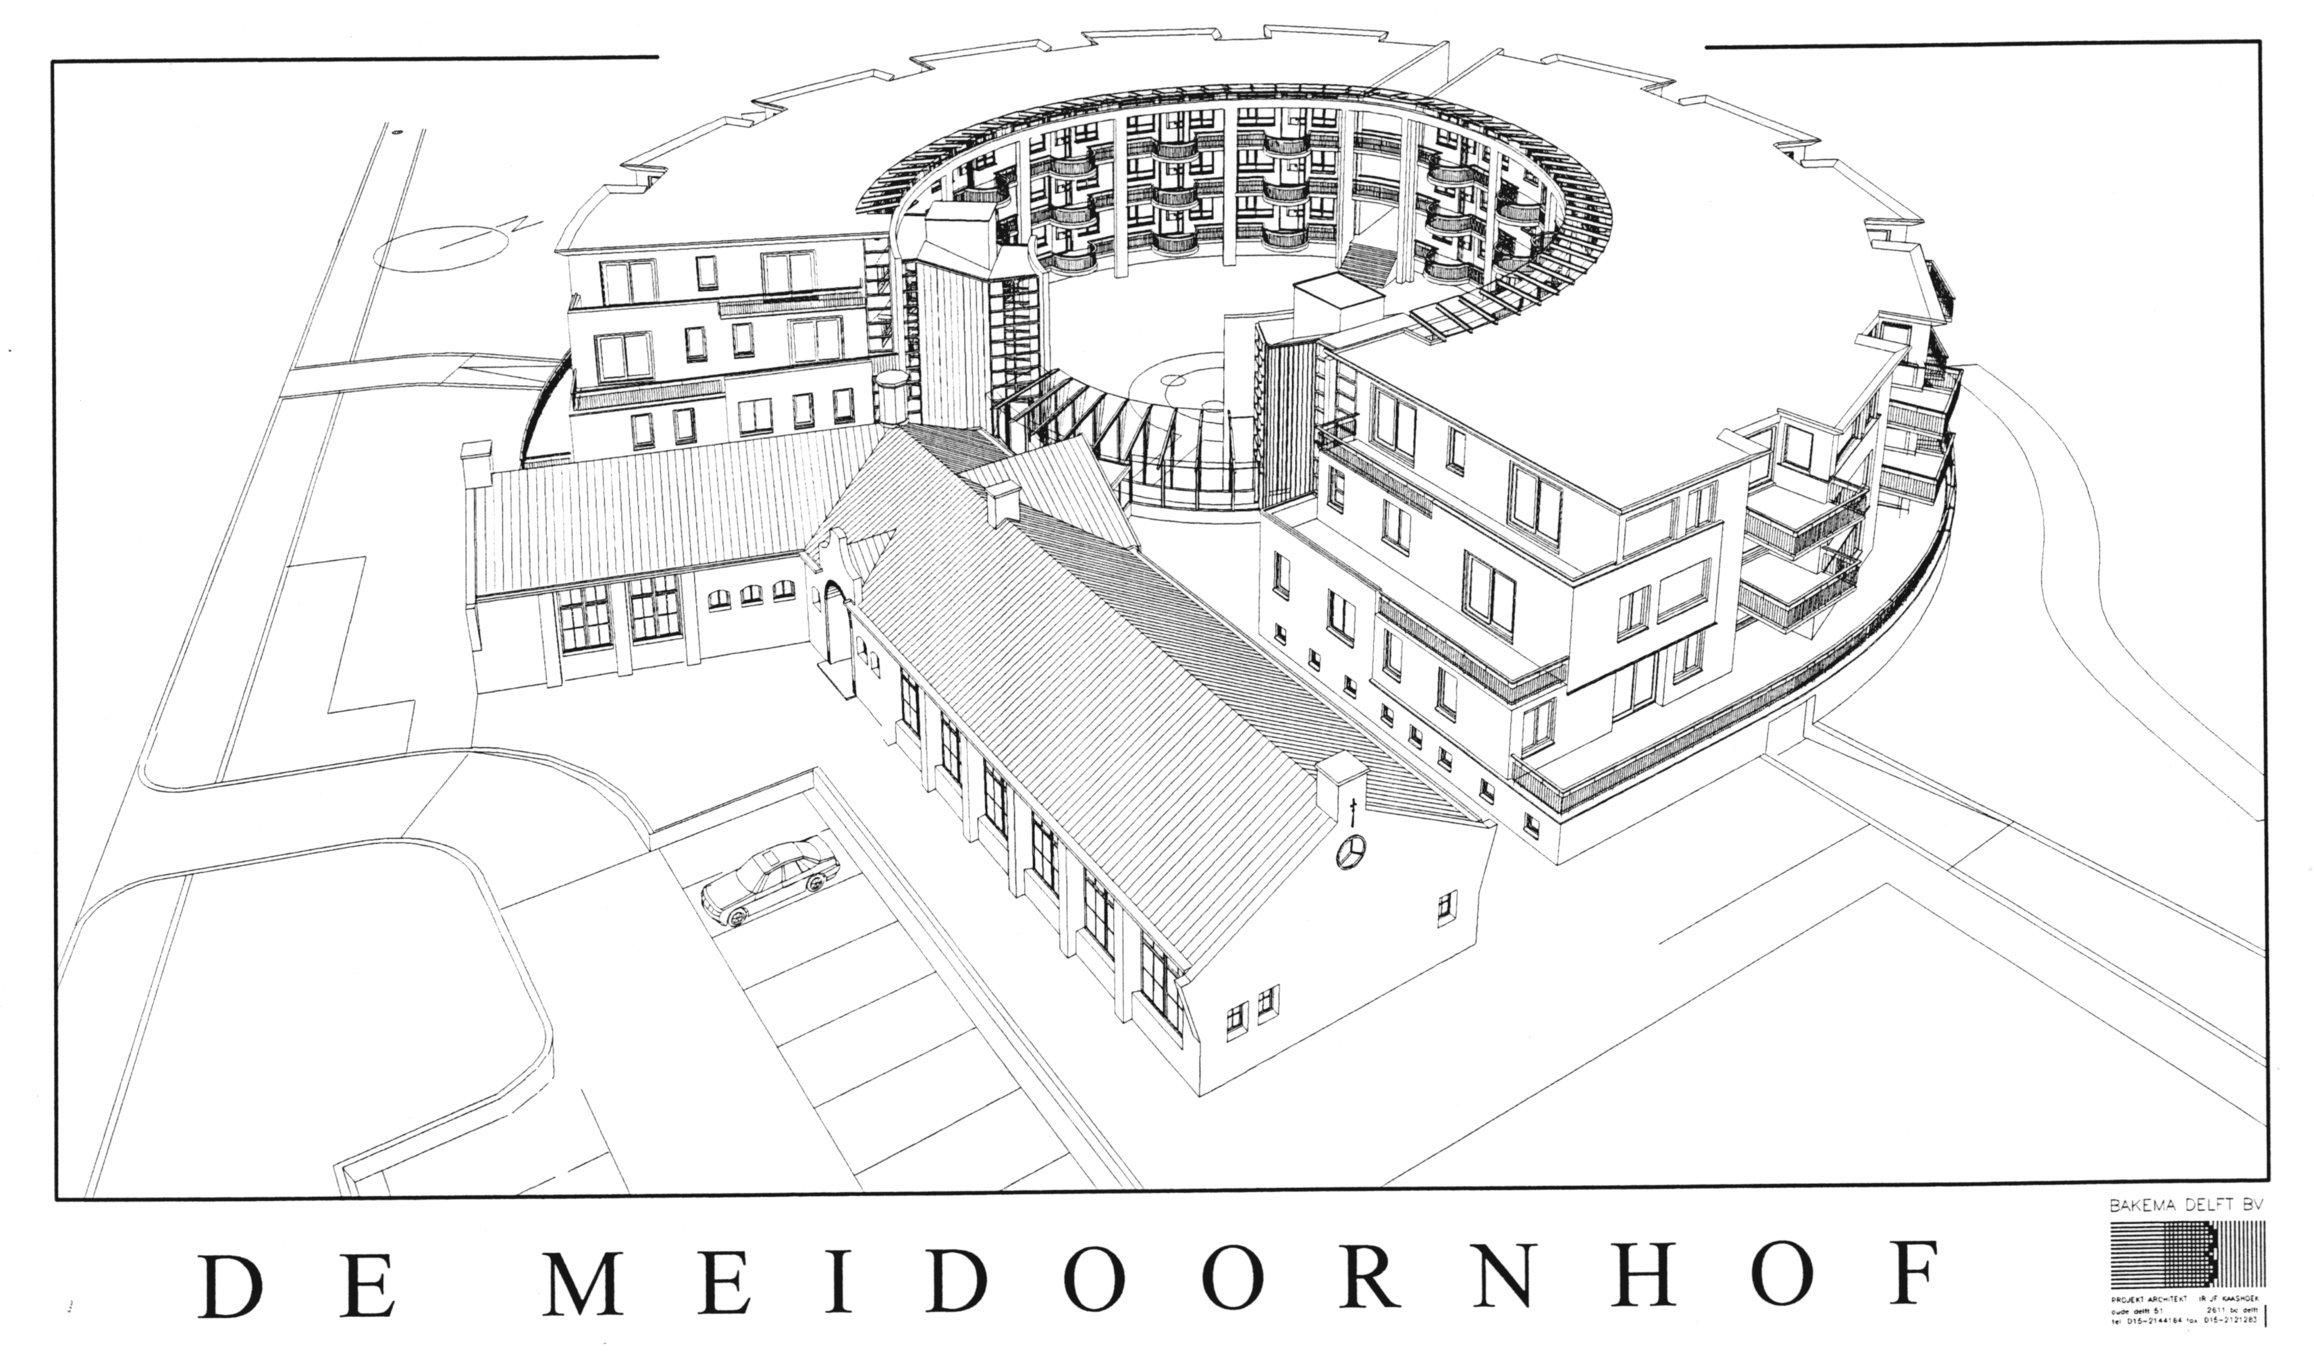 Meidoornhof_3D.jpg